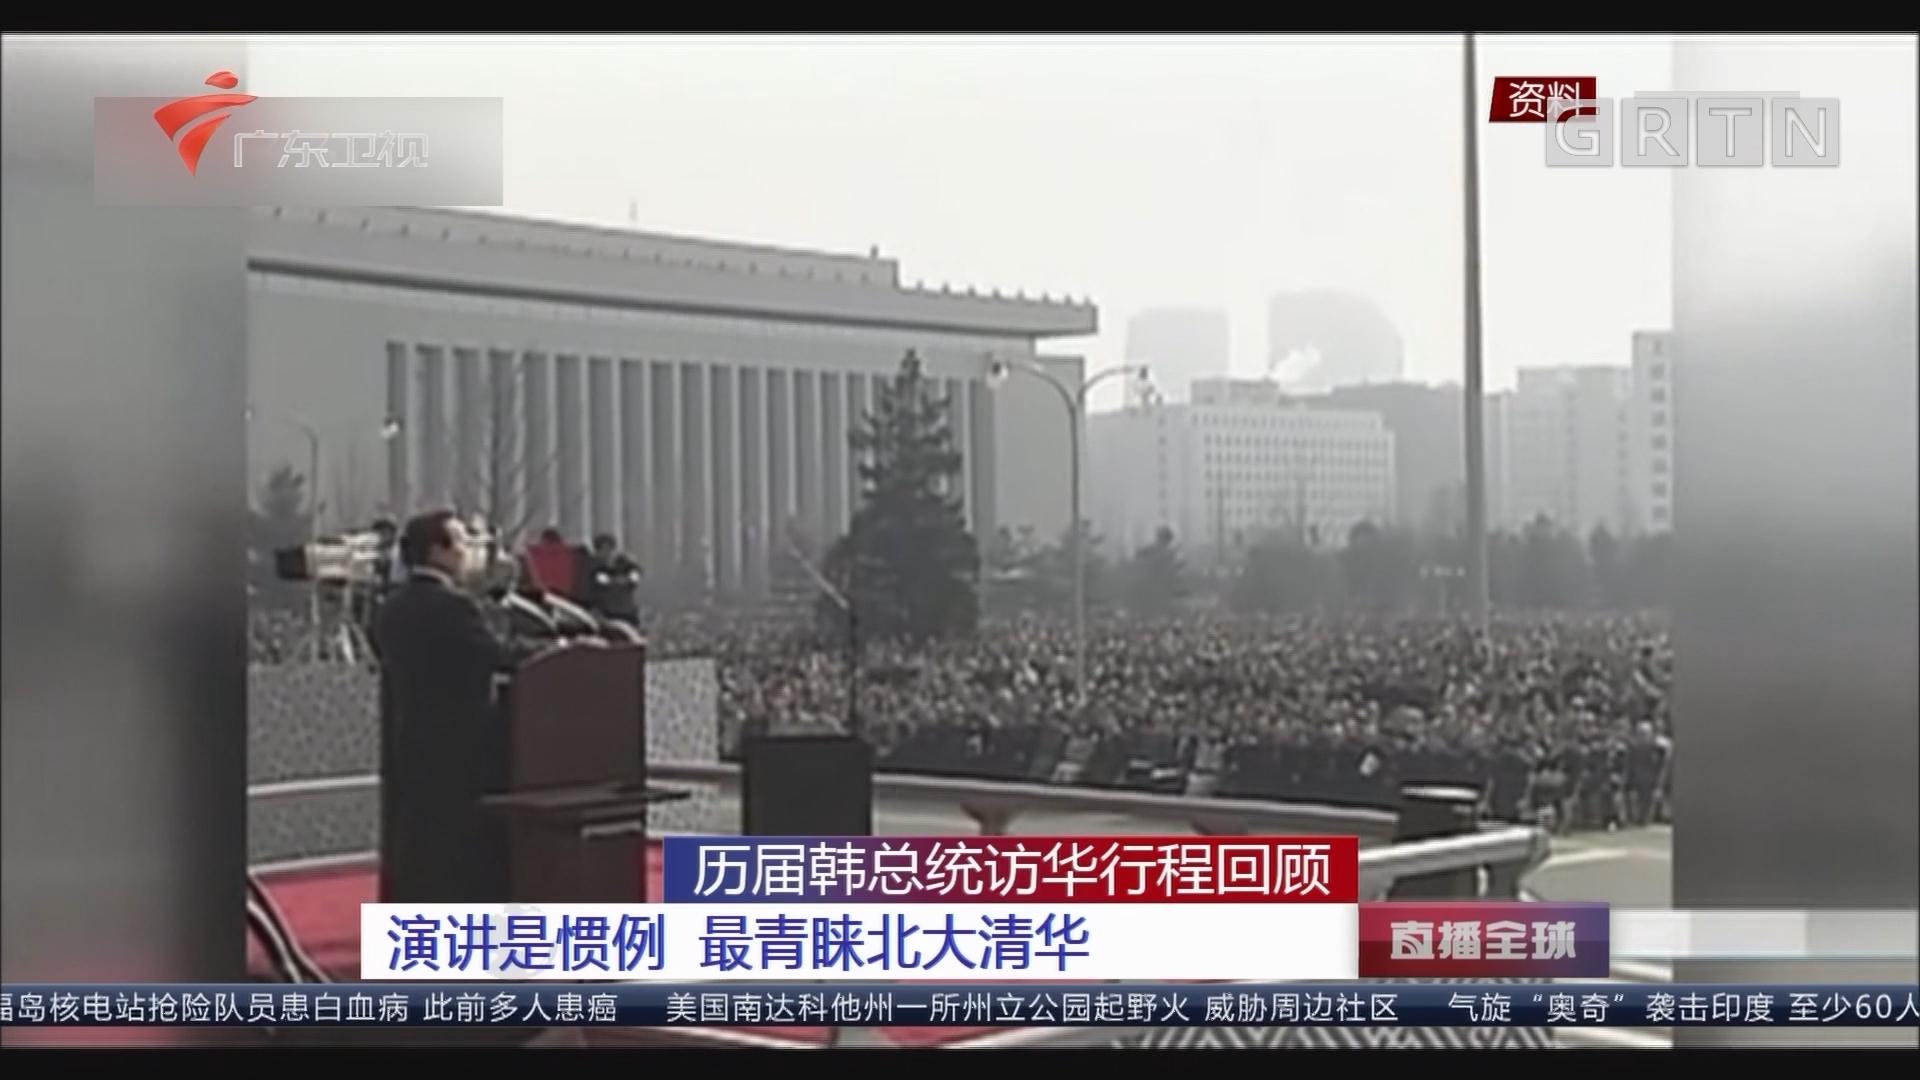 历届韩总统访华行程回顾:演讲是惯例 最青睐北大清华